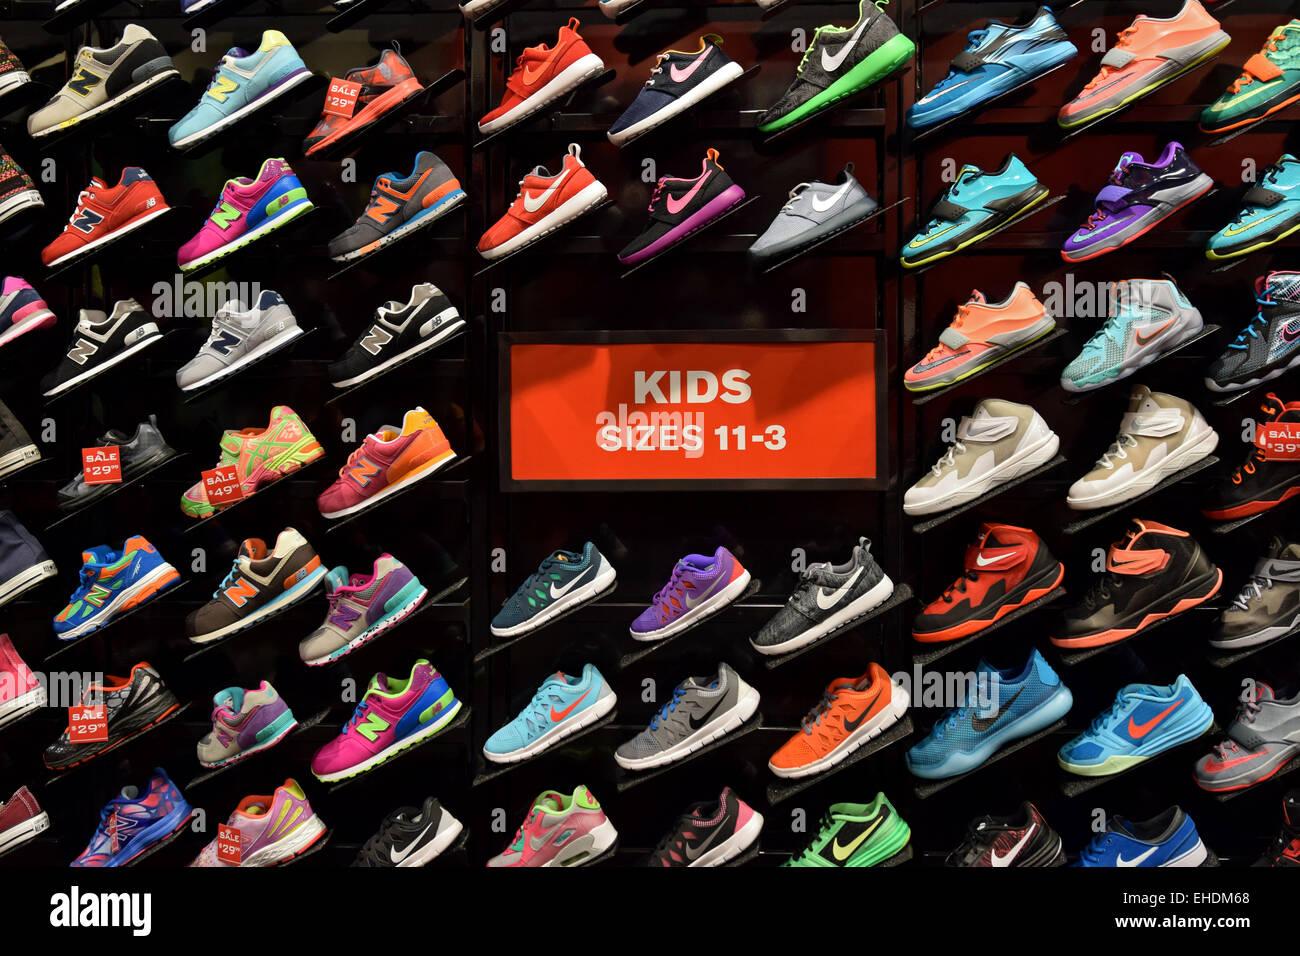 tecnologie sofisticate orologio stile moderno Display a colori ai bambini di scarpe da ginnastica a Foot ...